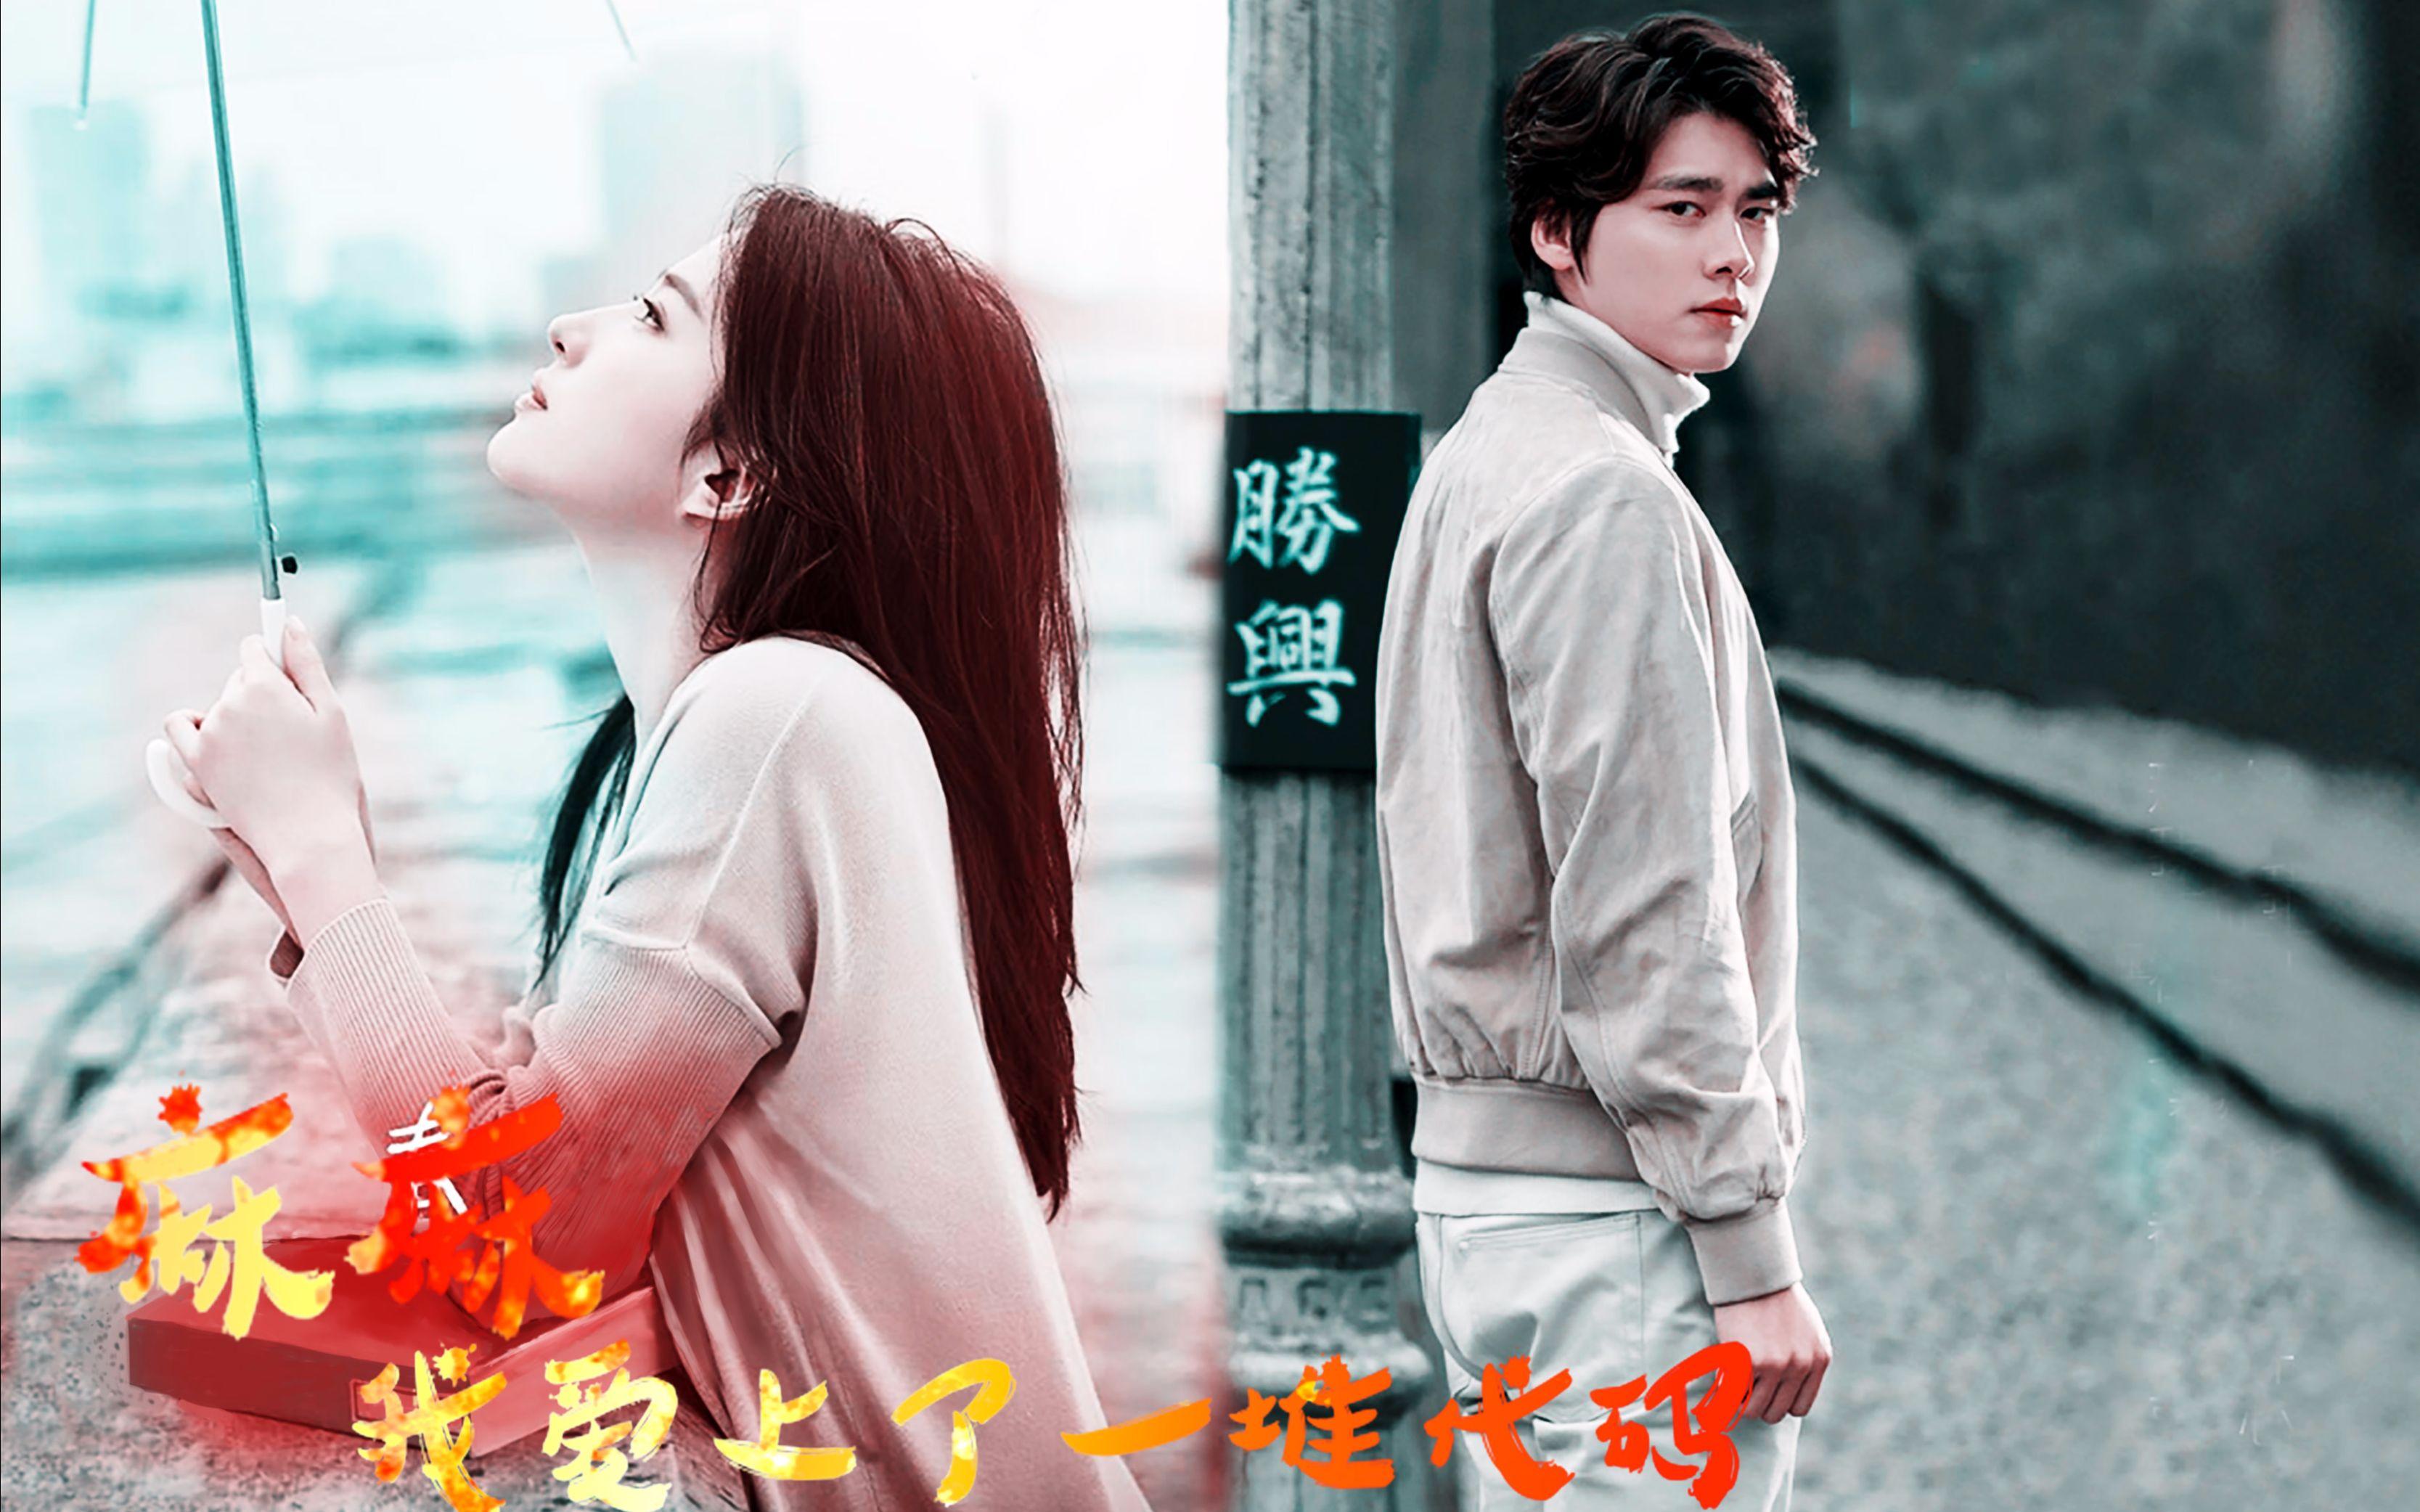 李易峰喜欢刘亦菲 图片合集